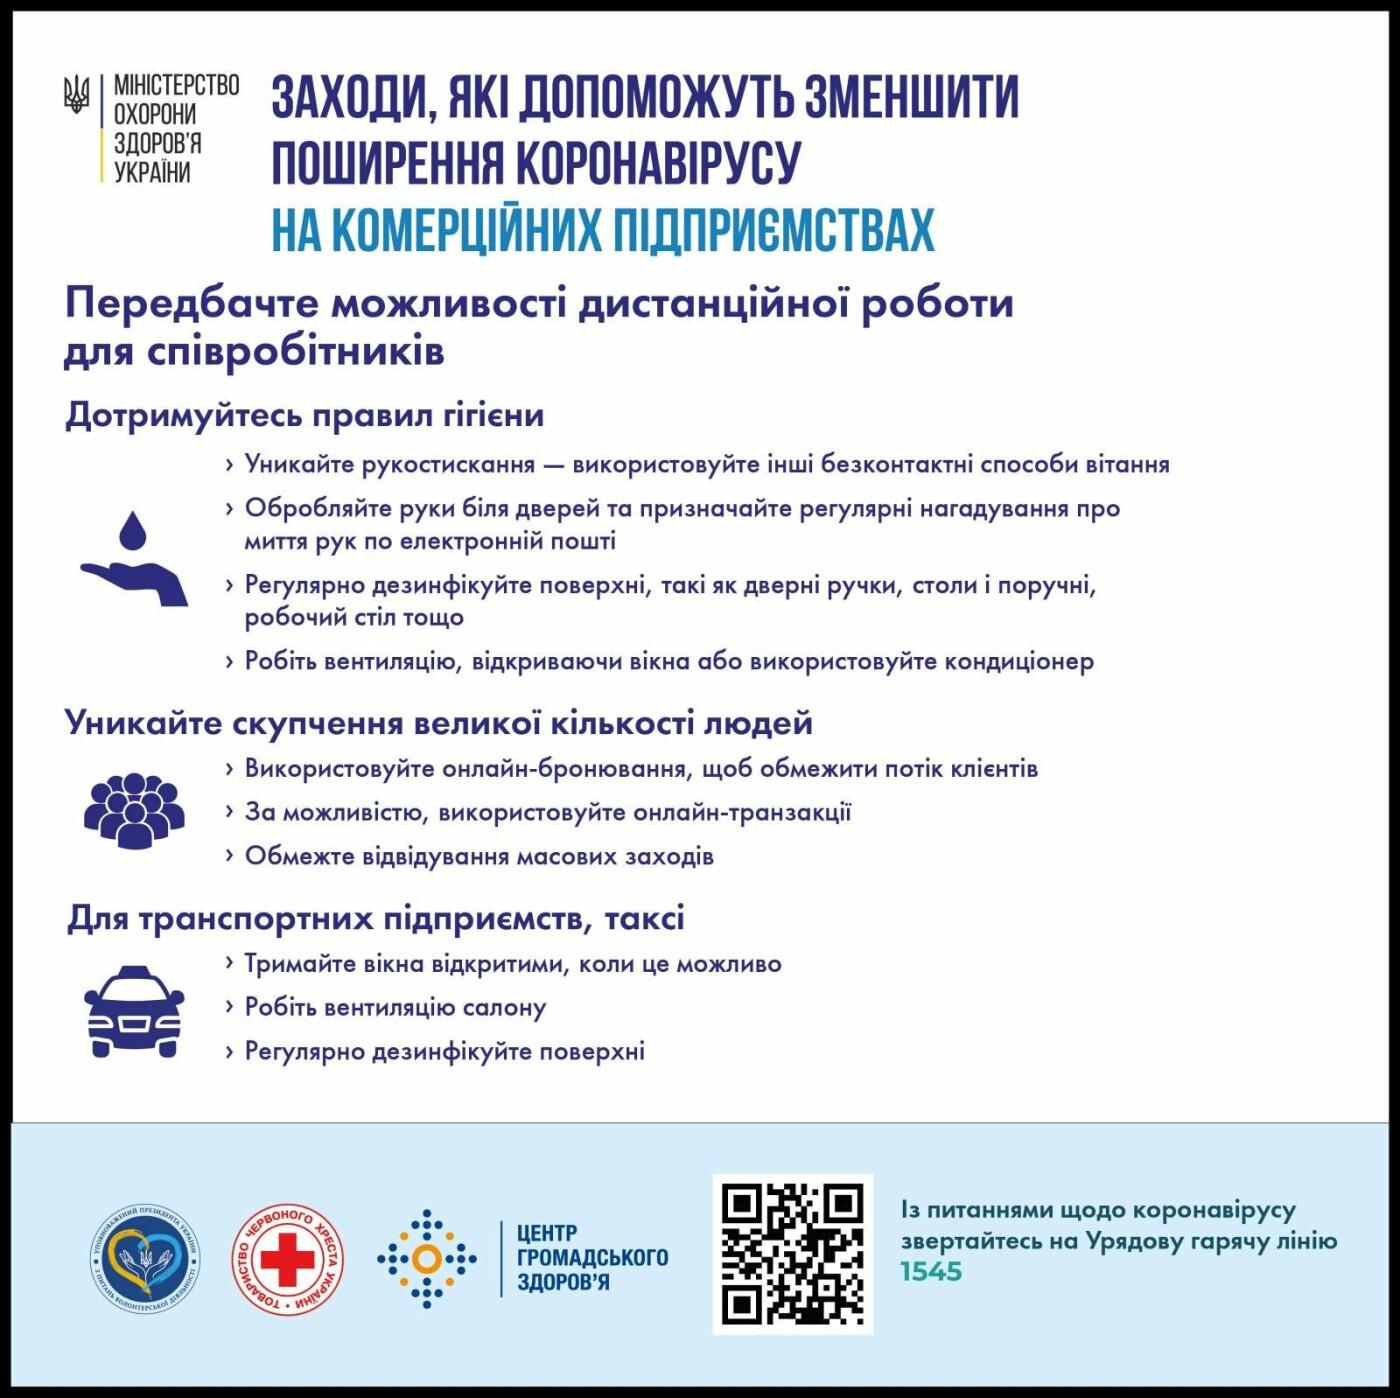 Як зменшити поширення коронавірусу - рекомендації МОЗу, фото-2